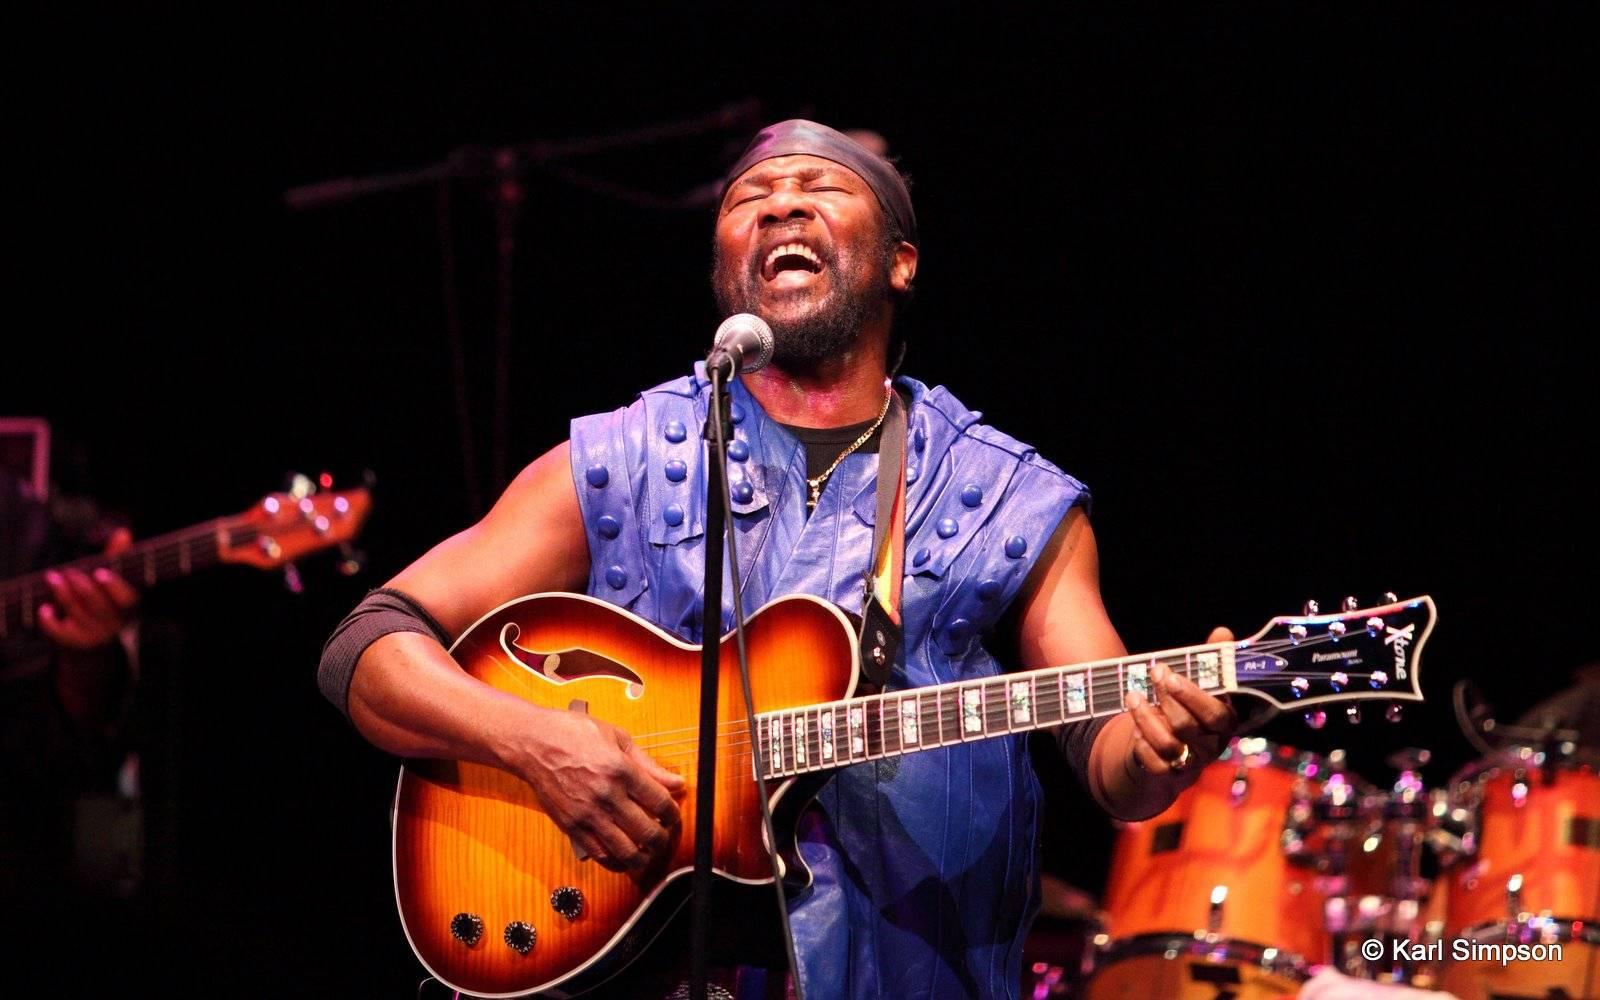 Zemřel Toots Hibbert, fenomenální zpěvák, který dal žánru reggae název. Napsal jedny z největších jamajských hitů